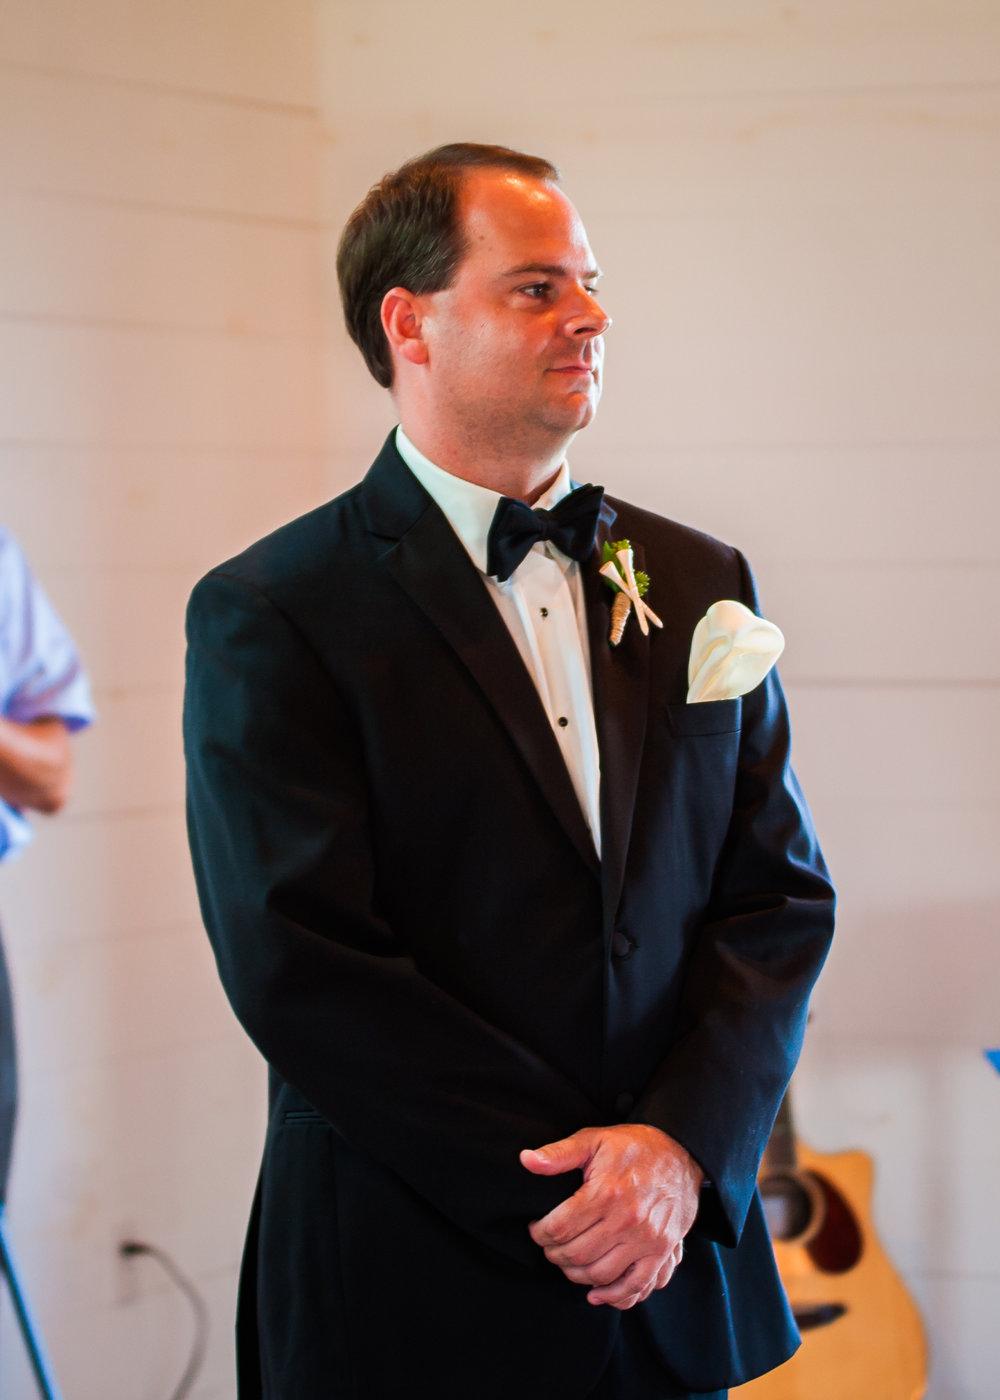 Stewart Wedding-704.jpg